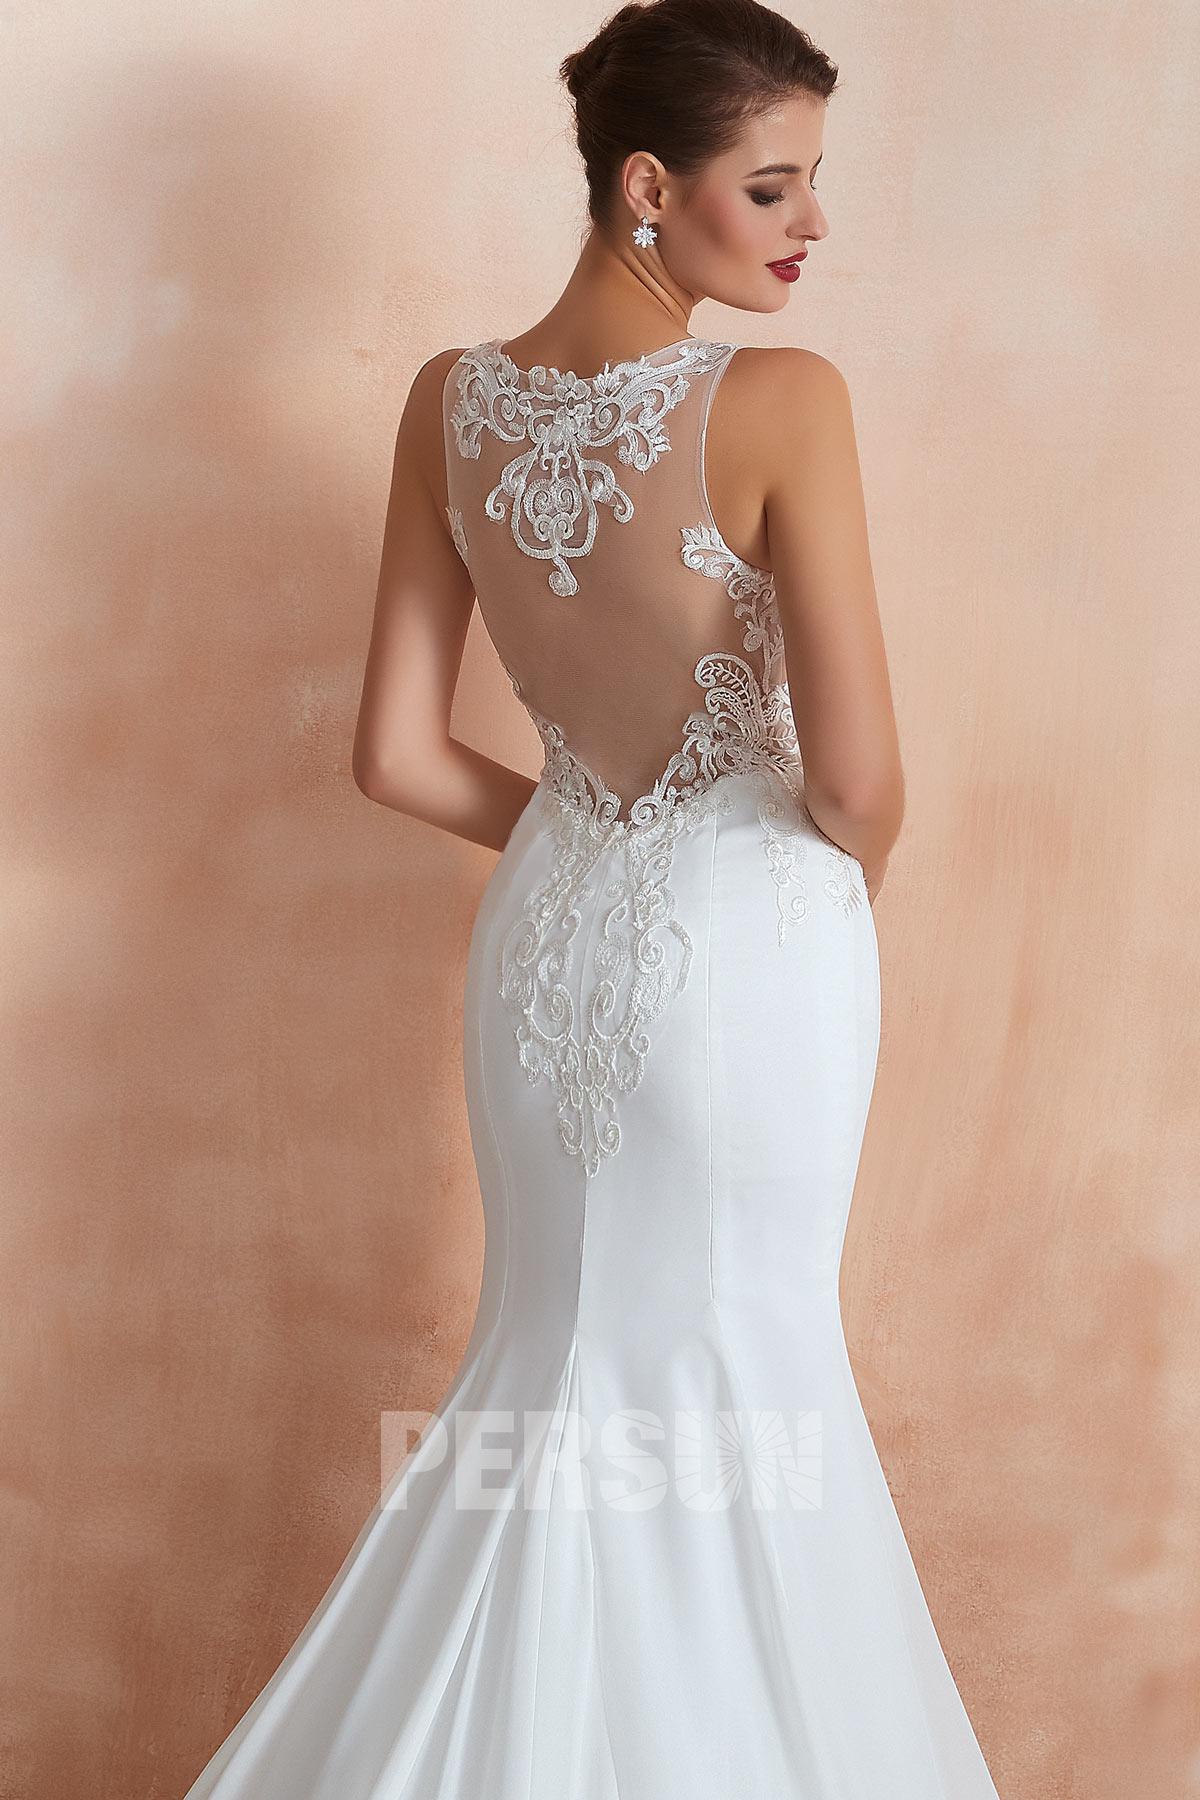 robe de mariée sirène 2020 dos en dentelle illusion